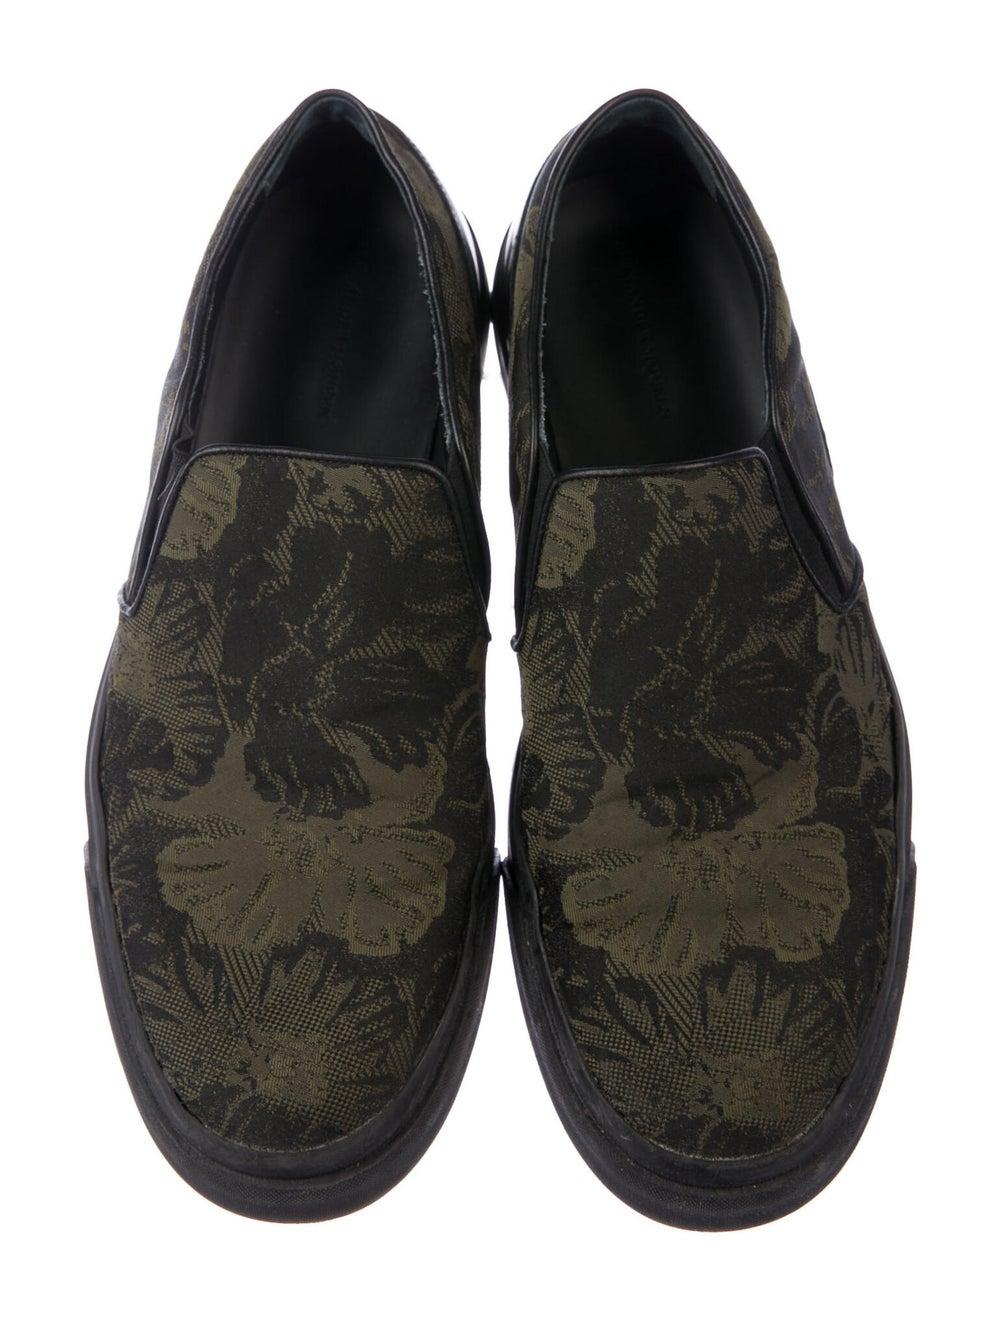 Alexander McQueen Printed Sneakers Black - image 3